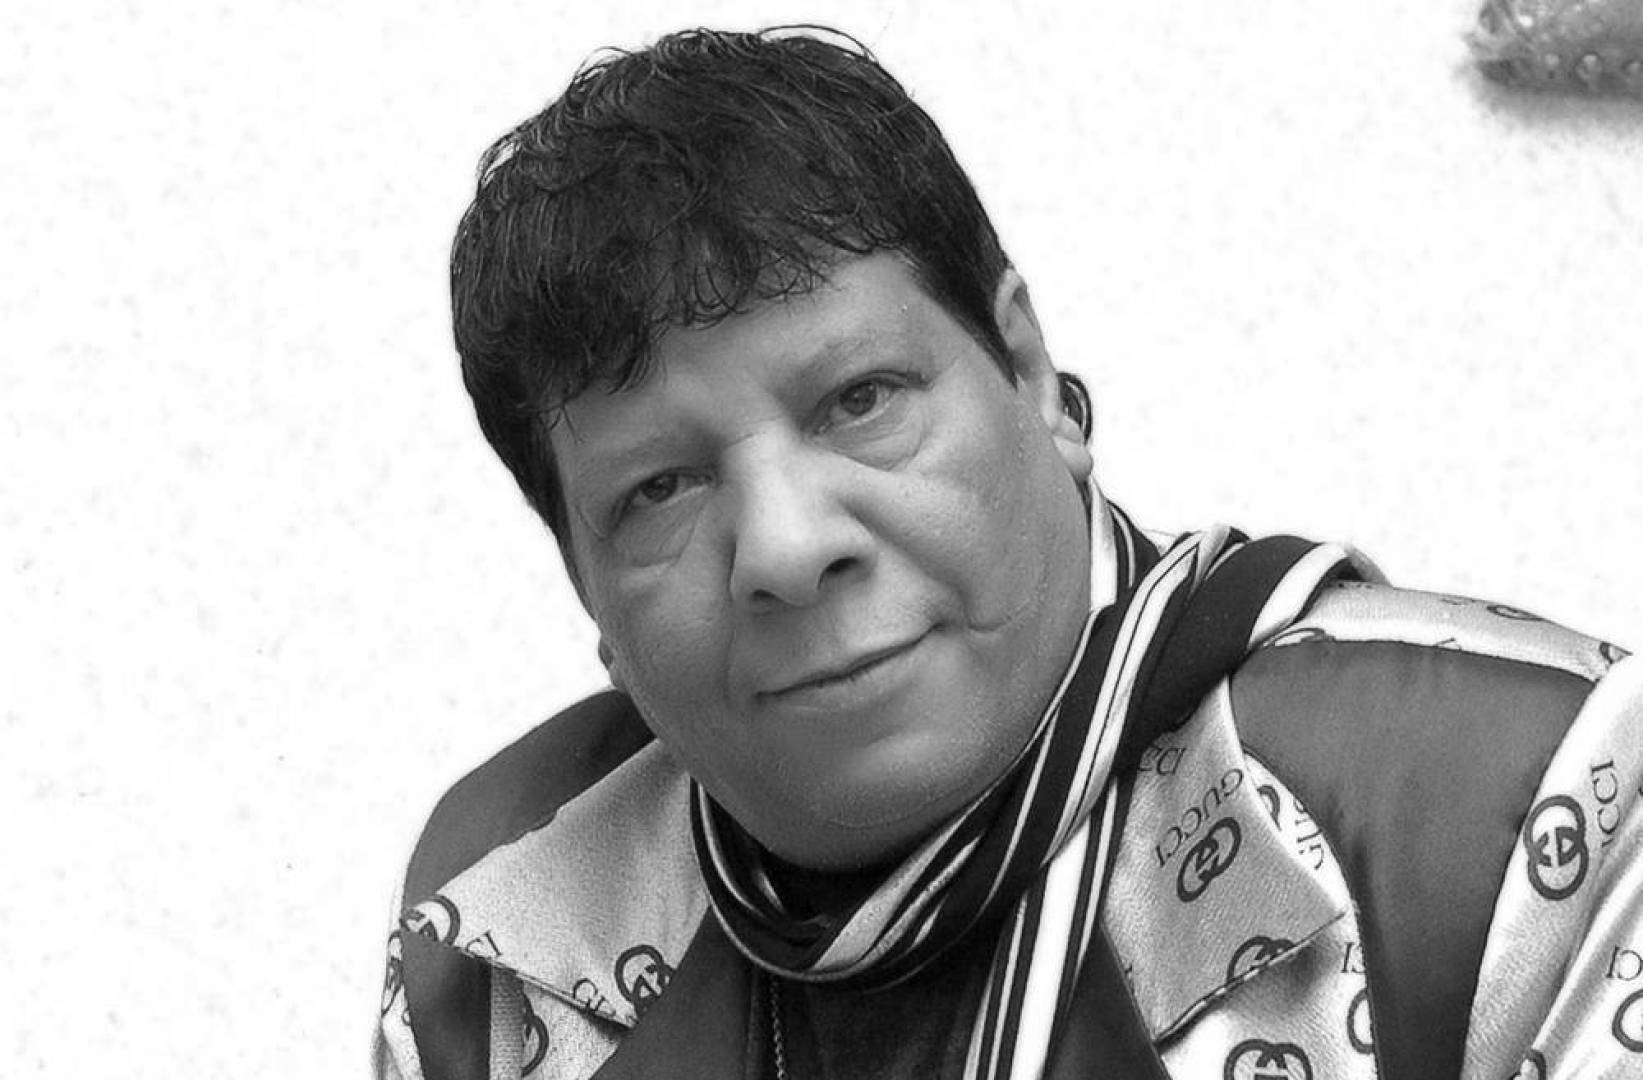 وفاة الفنان شعبان عبد الرحيم بعد صراع مع المرض